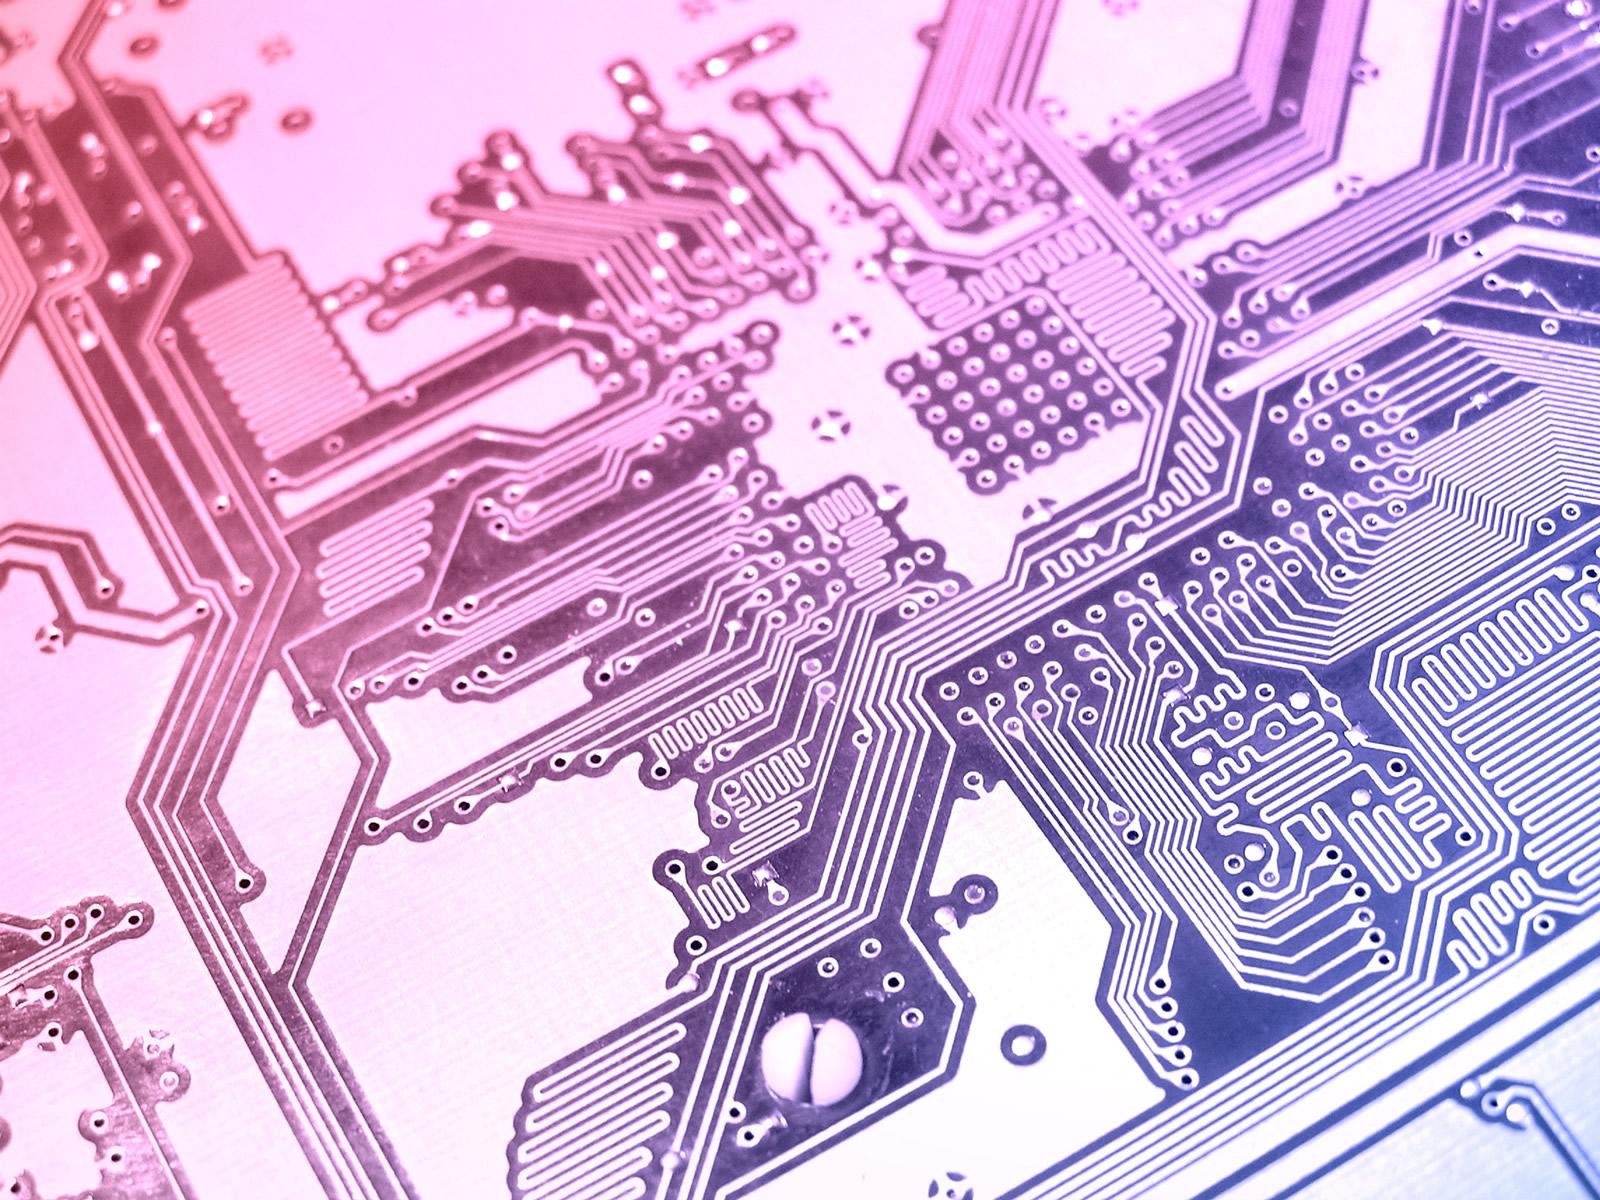 http://4.bp.blogspot.com/-I2JbMZR2cLU/Tk61d6-IAII/AAAAAAAAUgI/Z1RkpnH2ylc/s1600/computer%2Bscience%2Bwallpaper-3.jpg